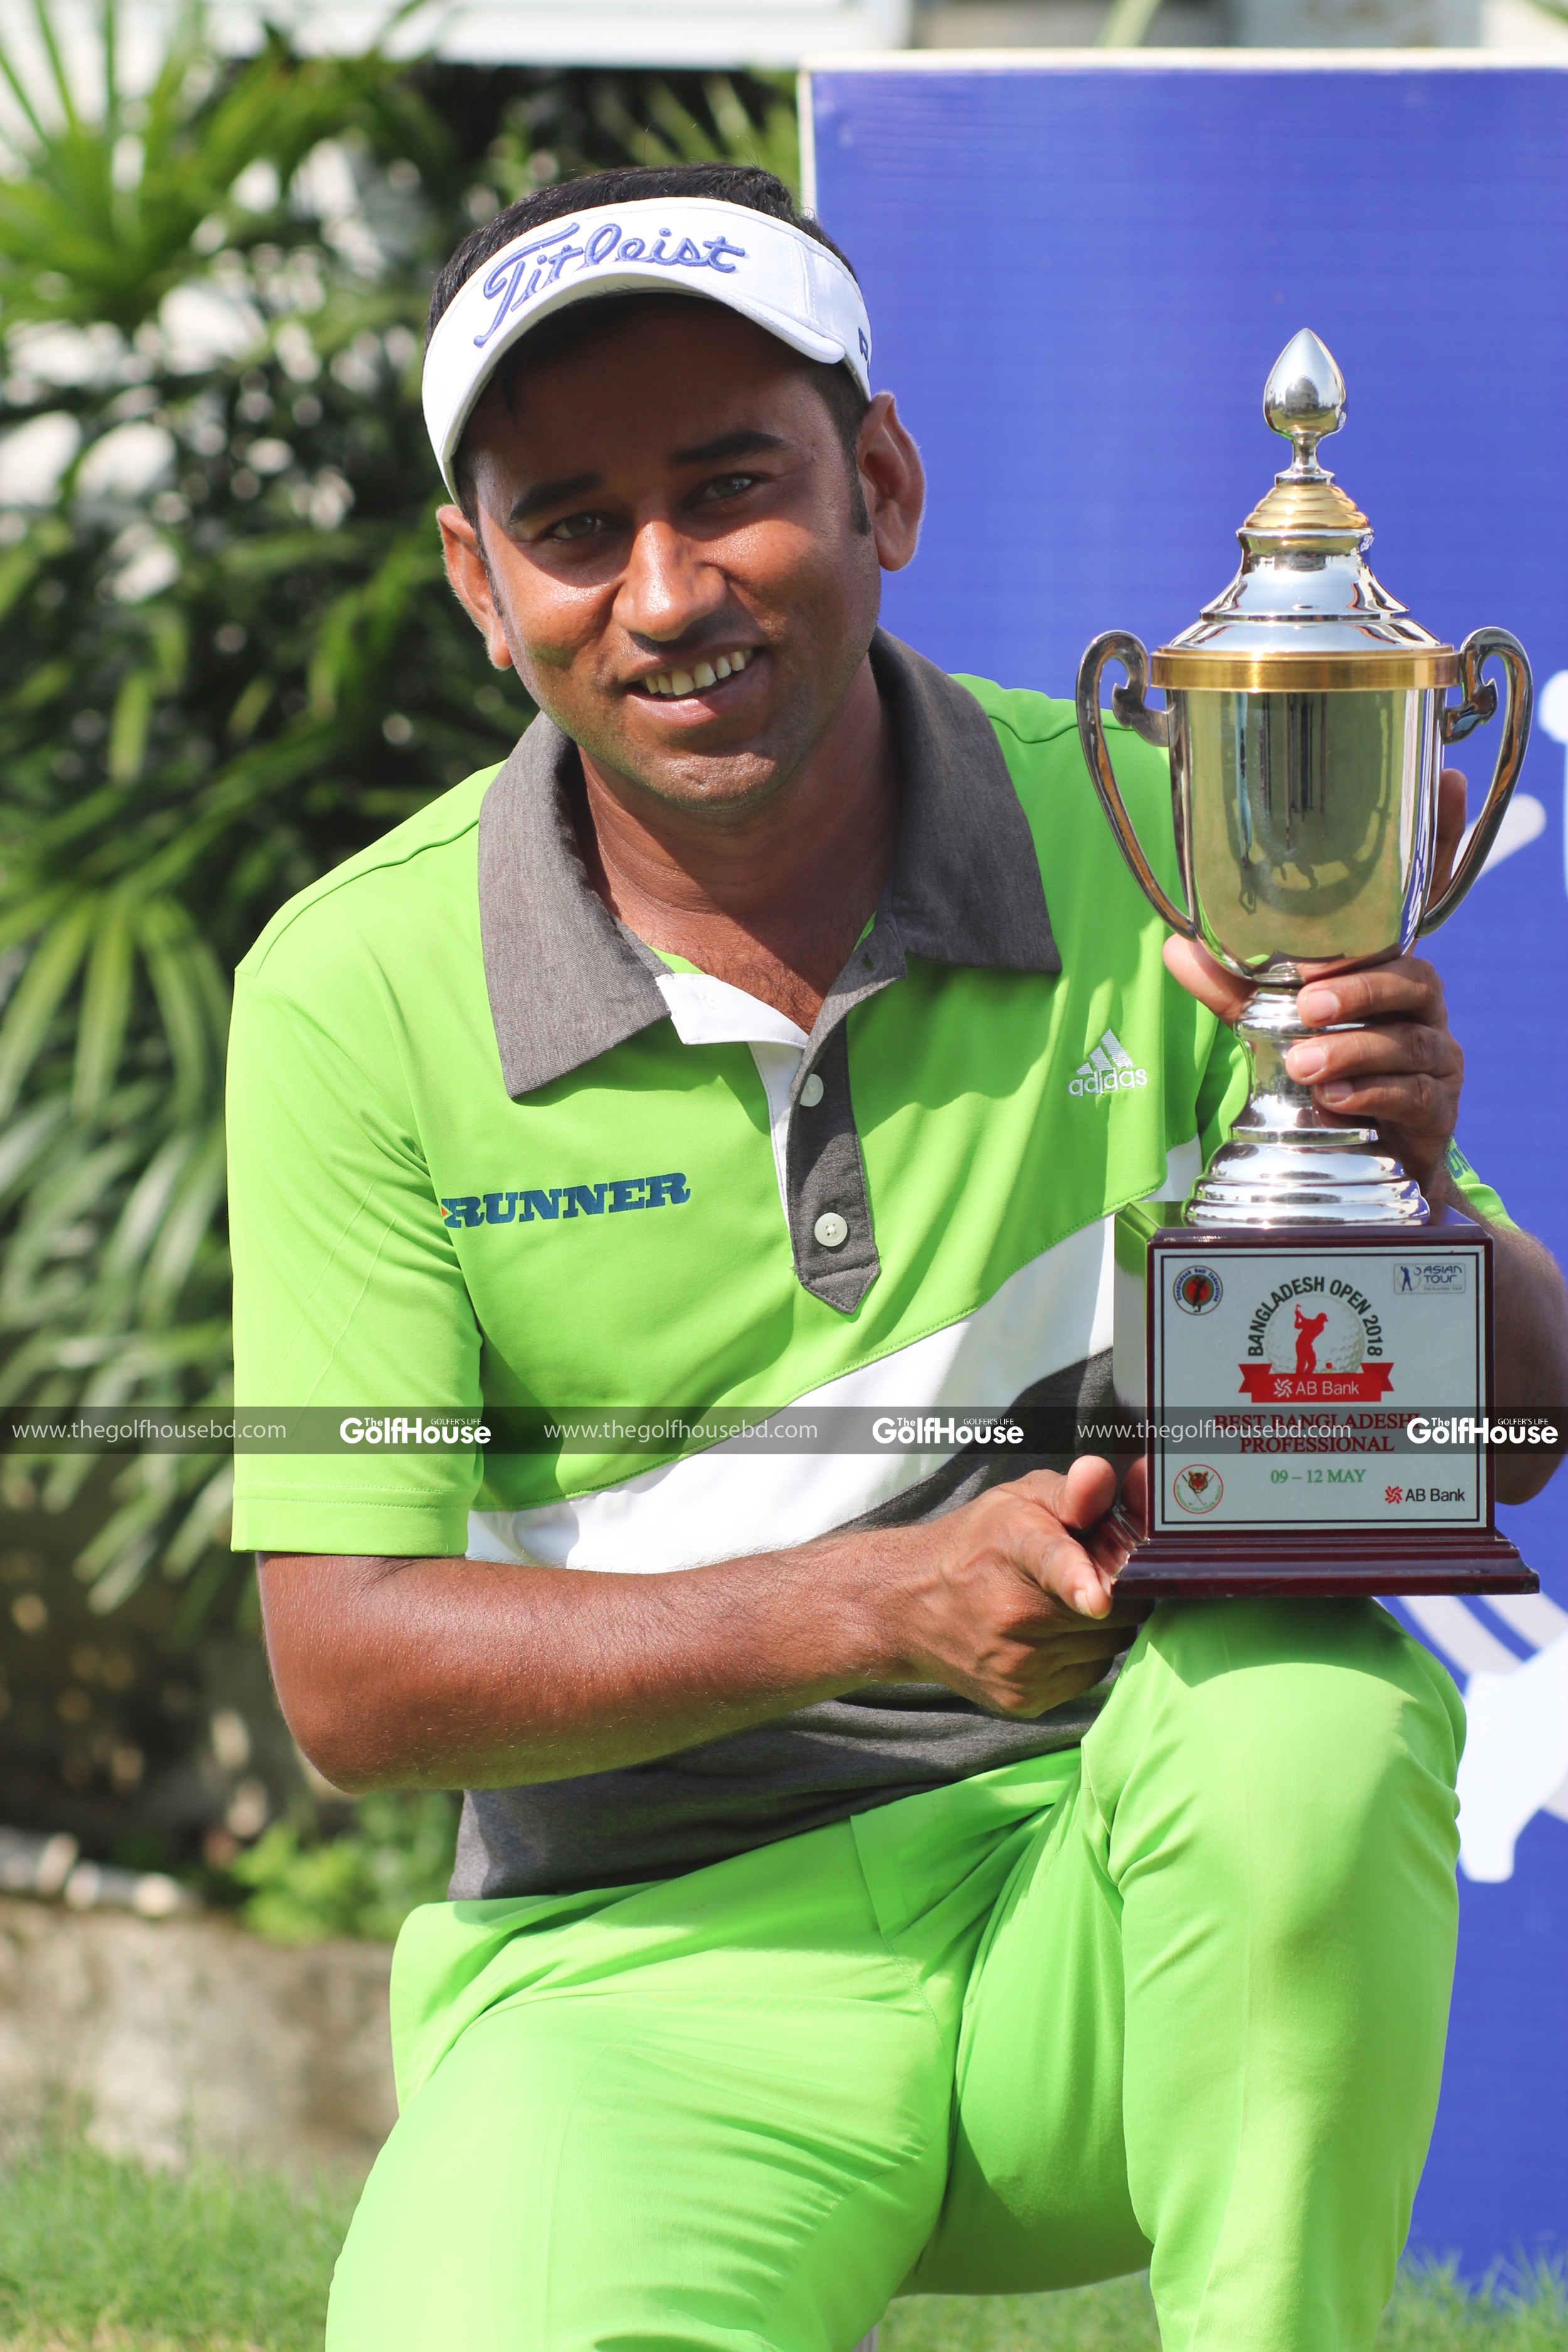 Swedish_golfer_Malcolm_Kokocinski_won_the_AB_Bank_Bangladesh_Open_2018_as_Jamal_Hossain_Mollah_of_Bangladesh_ended_tied_for_fourth_position.